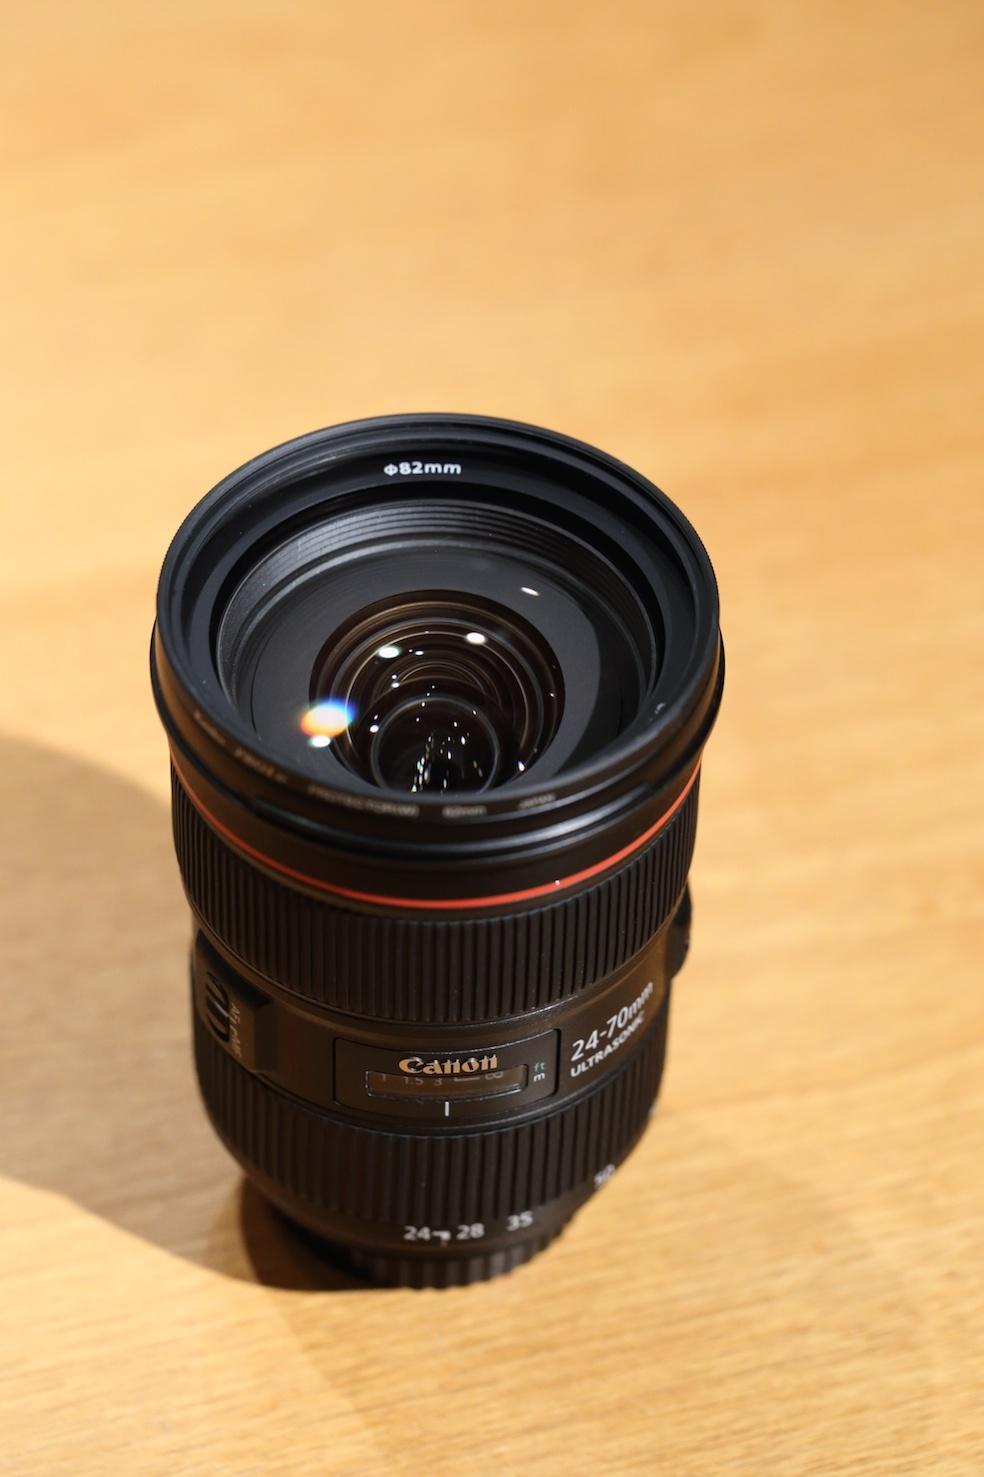 EF24-70mm F2.8L II USM_d0081605_2581141.jpg